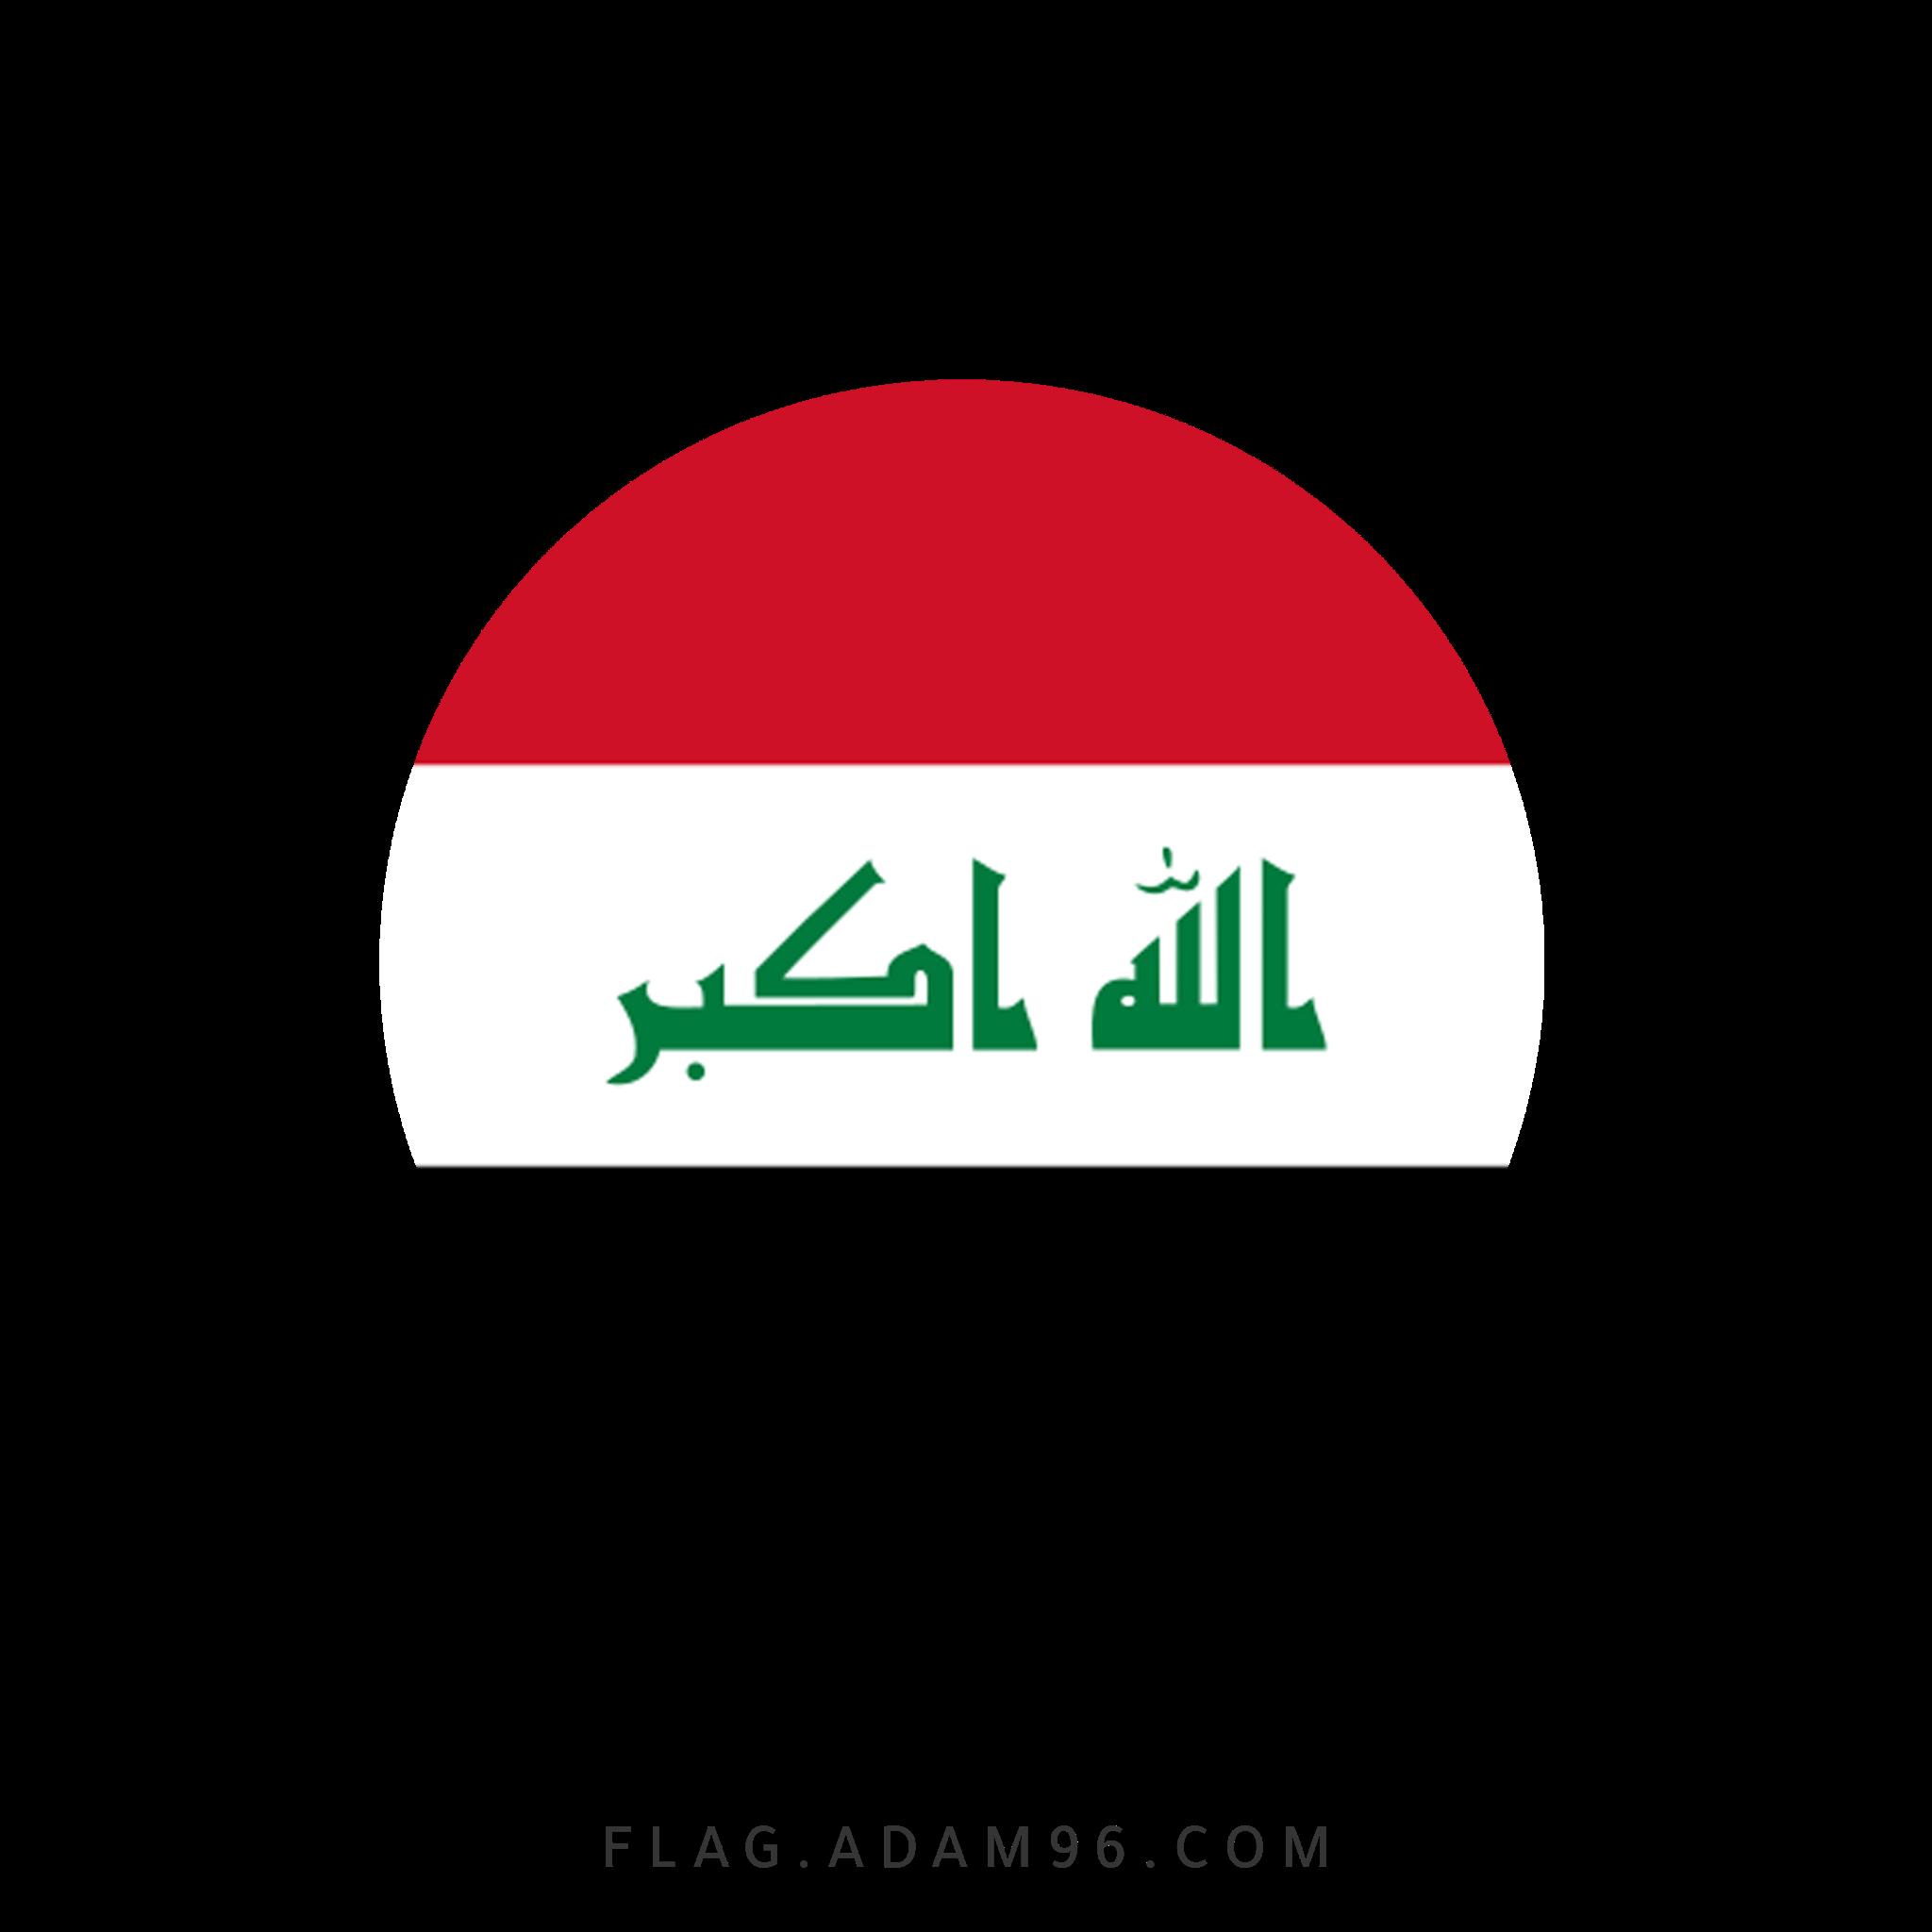 تحميل علم العراق بشكل دائري للتصميم خلفيات علم العراق للتصميم بصيغة PNG